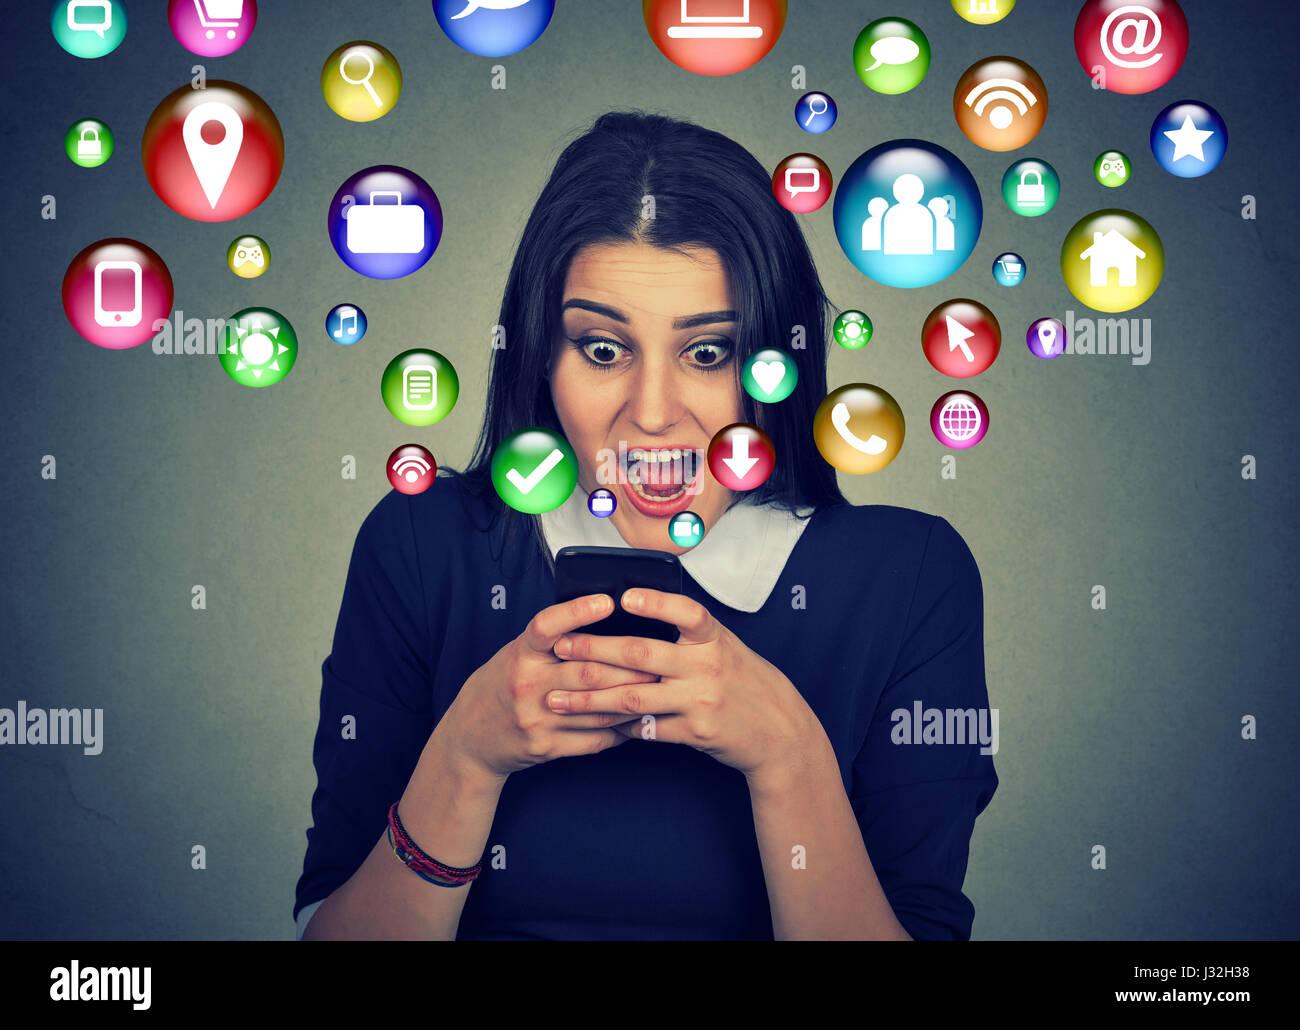 La tecnología de la comunicación móvil concepto de alta tecnología. Closeup sorprendido joven Imagen De Stock